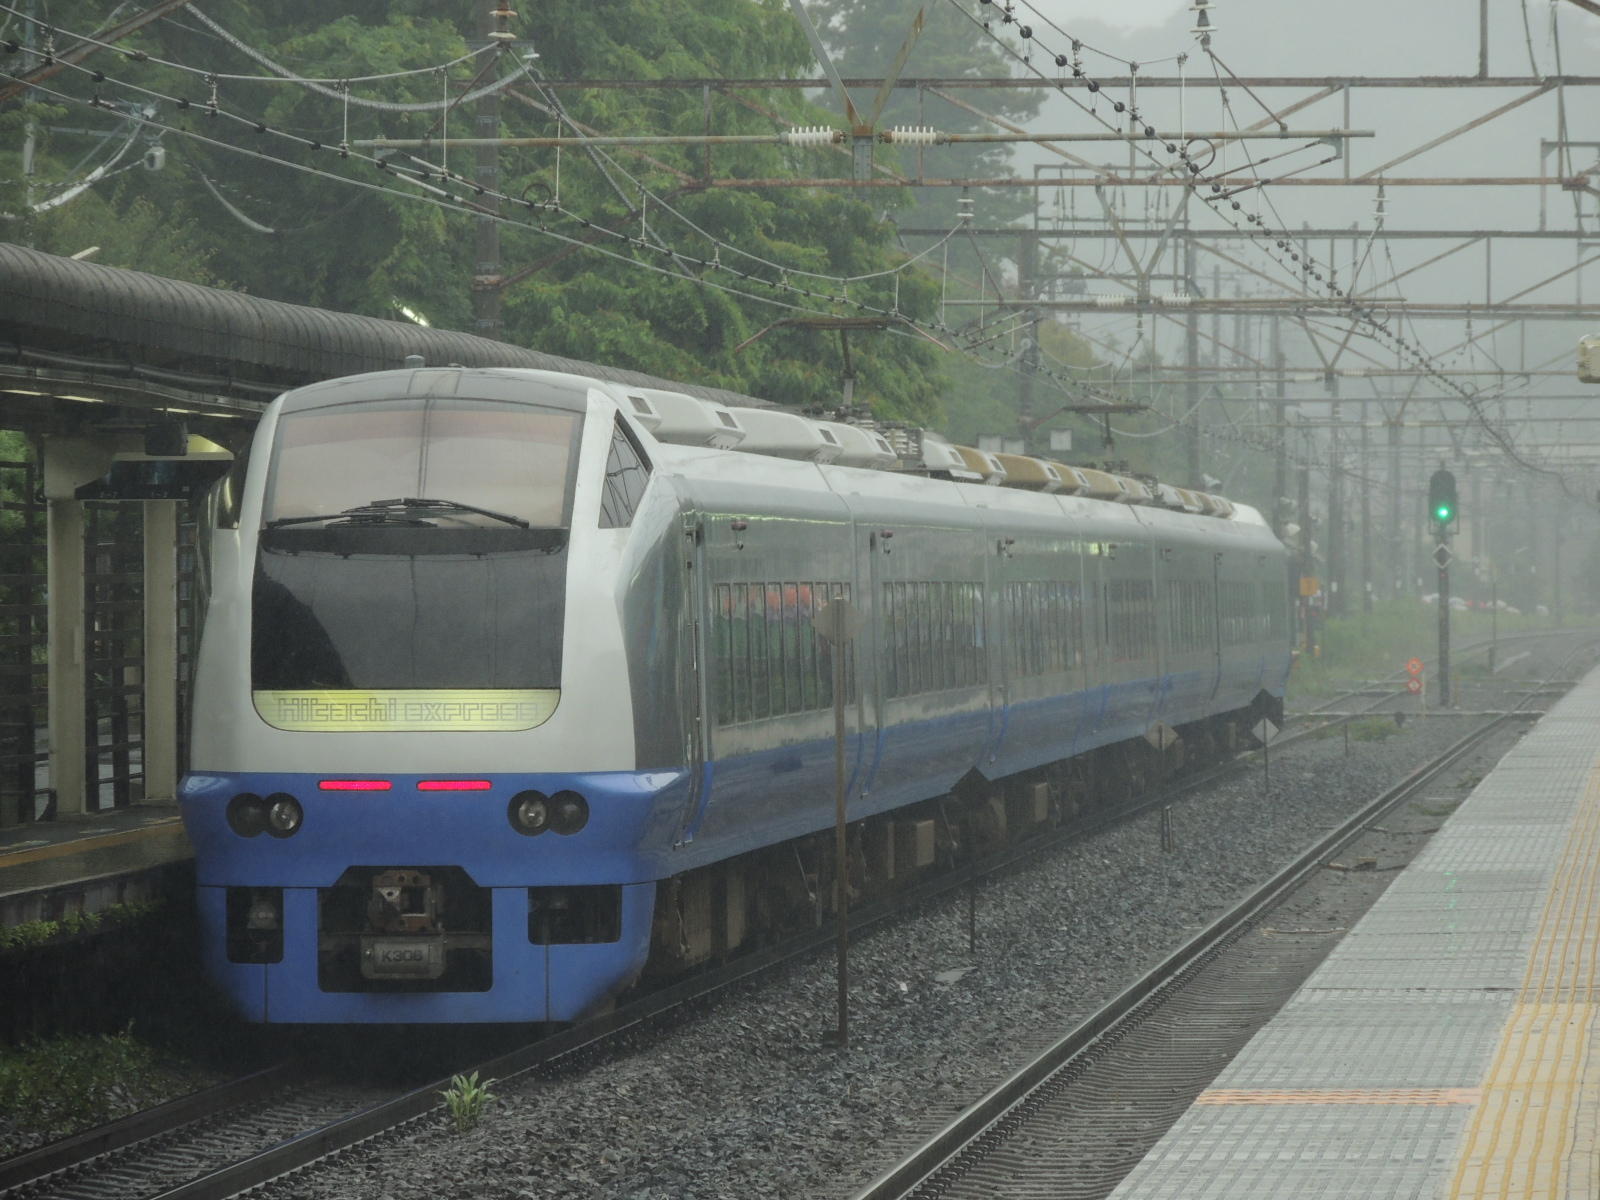 DSCN8515.jpg